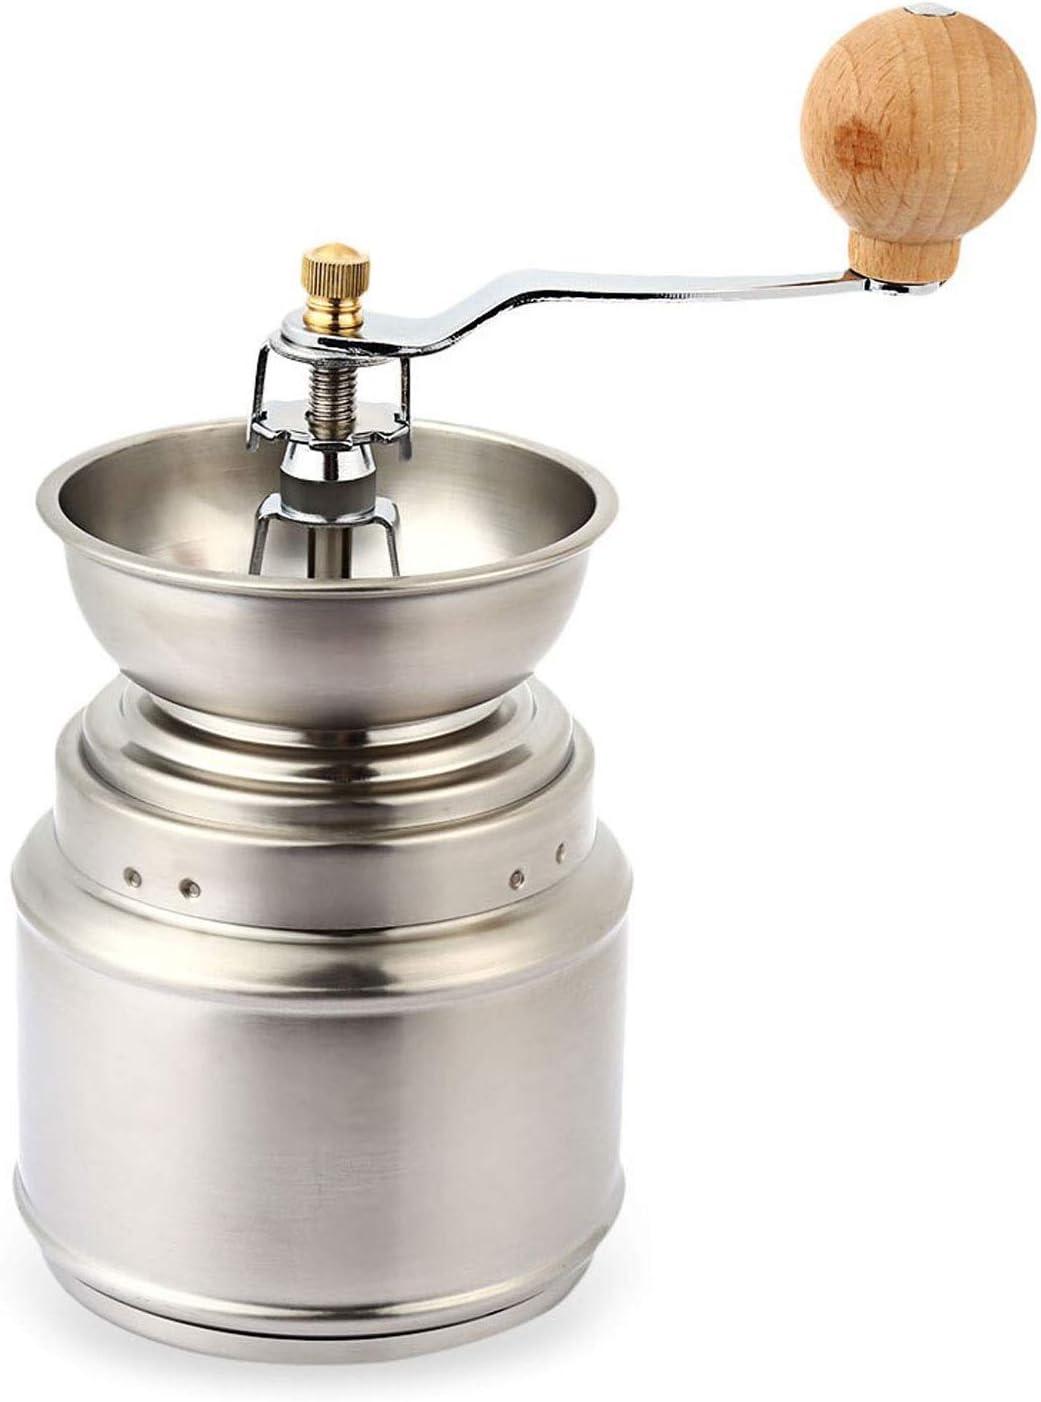 Manual Molinillos de café Máquinas de café - de acero inoxidable manual molinillo de café Herramienta de mano molino de especias Inicio Grinder fresadora Accesorios café conveniente simple y convenien